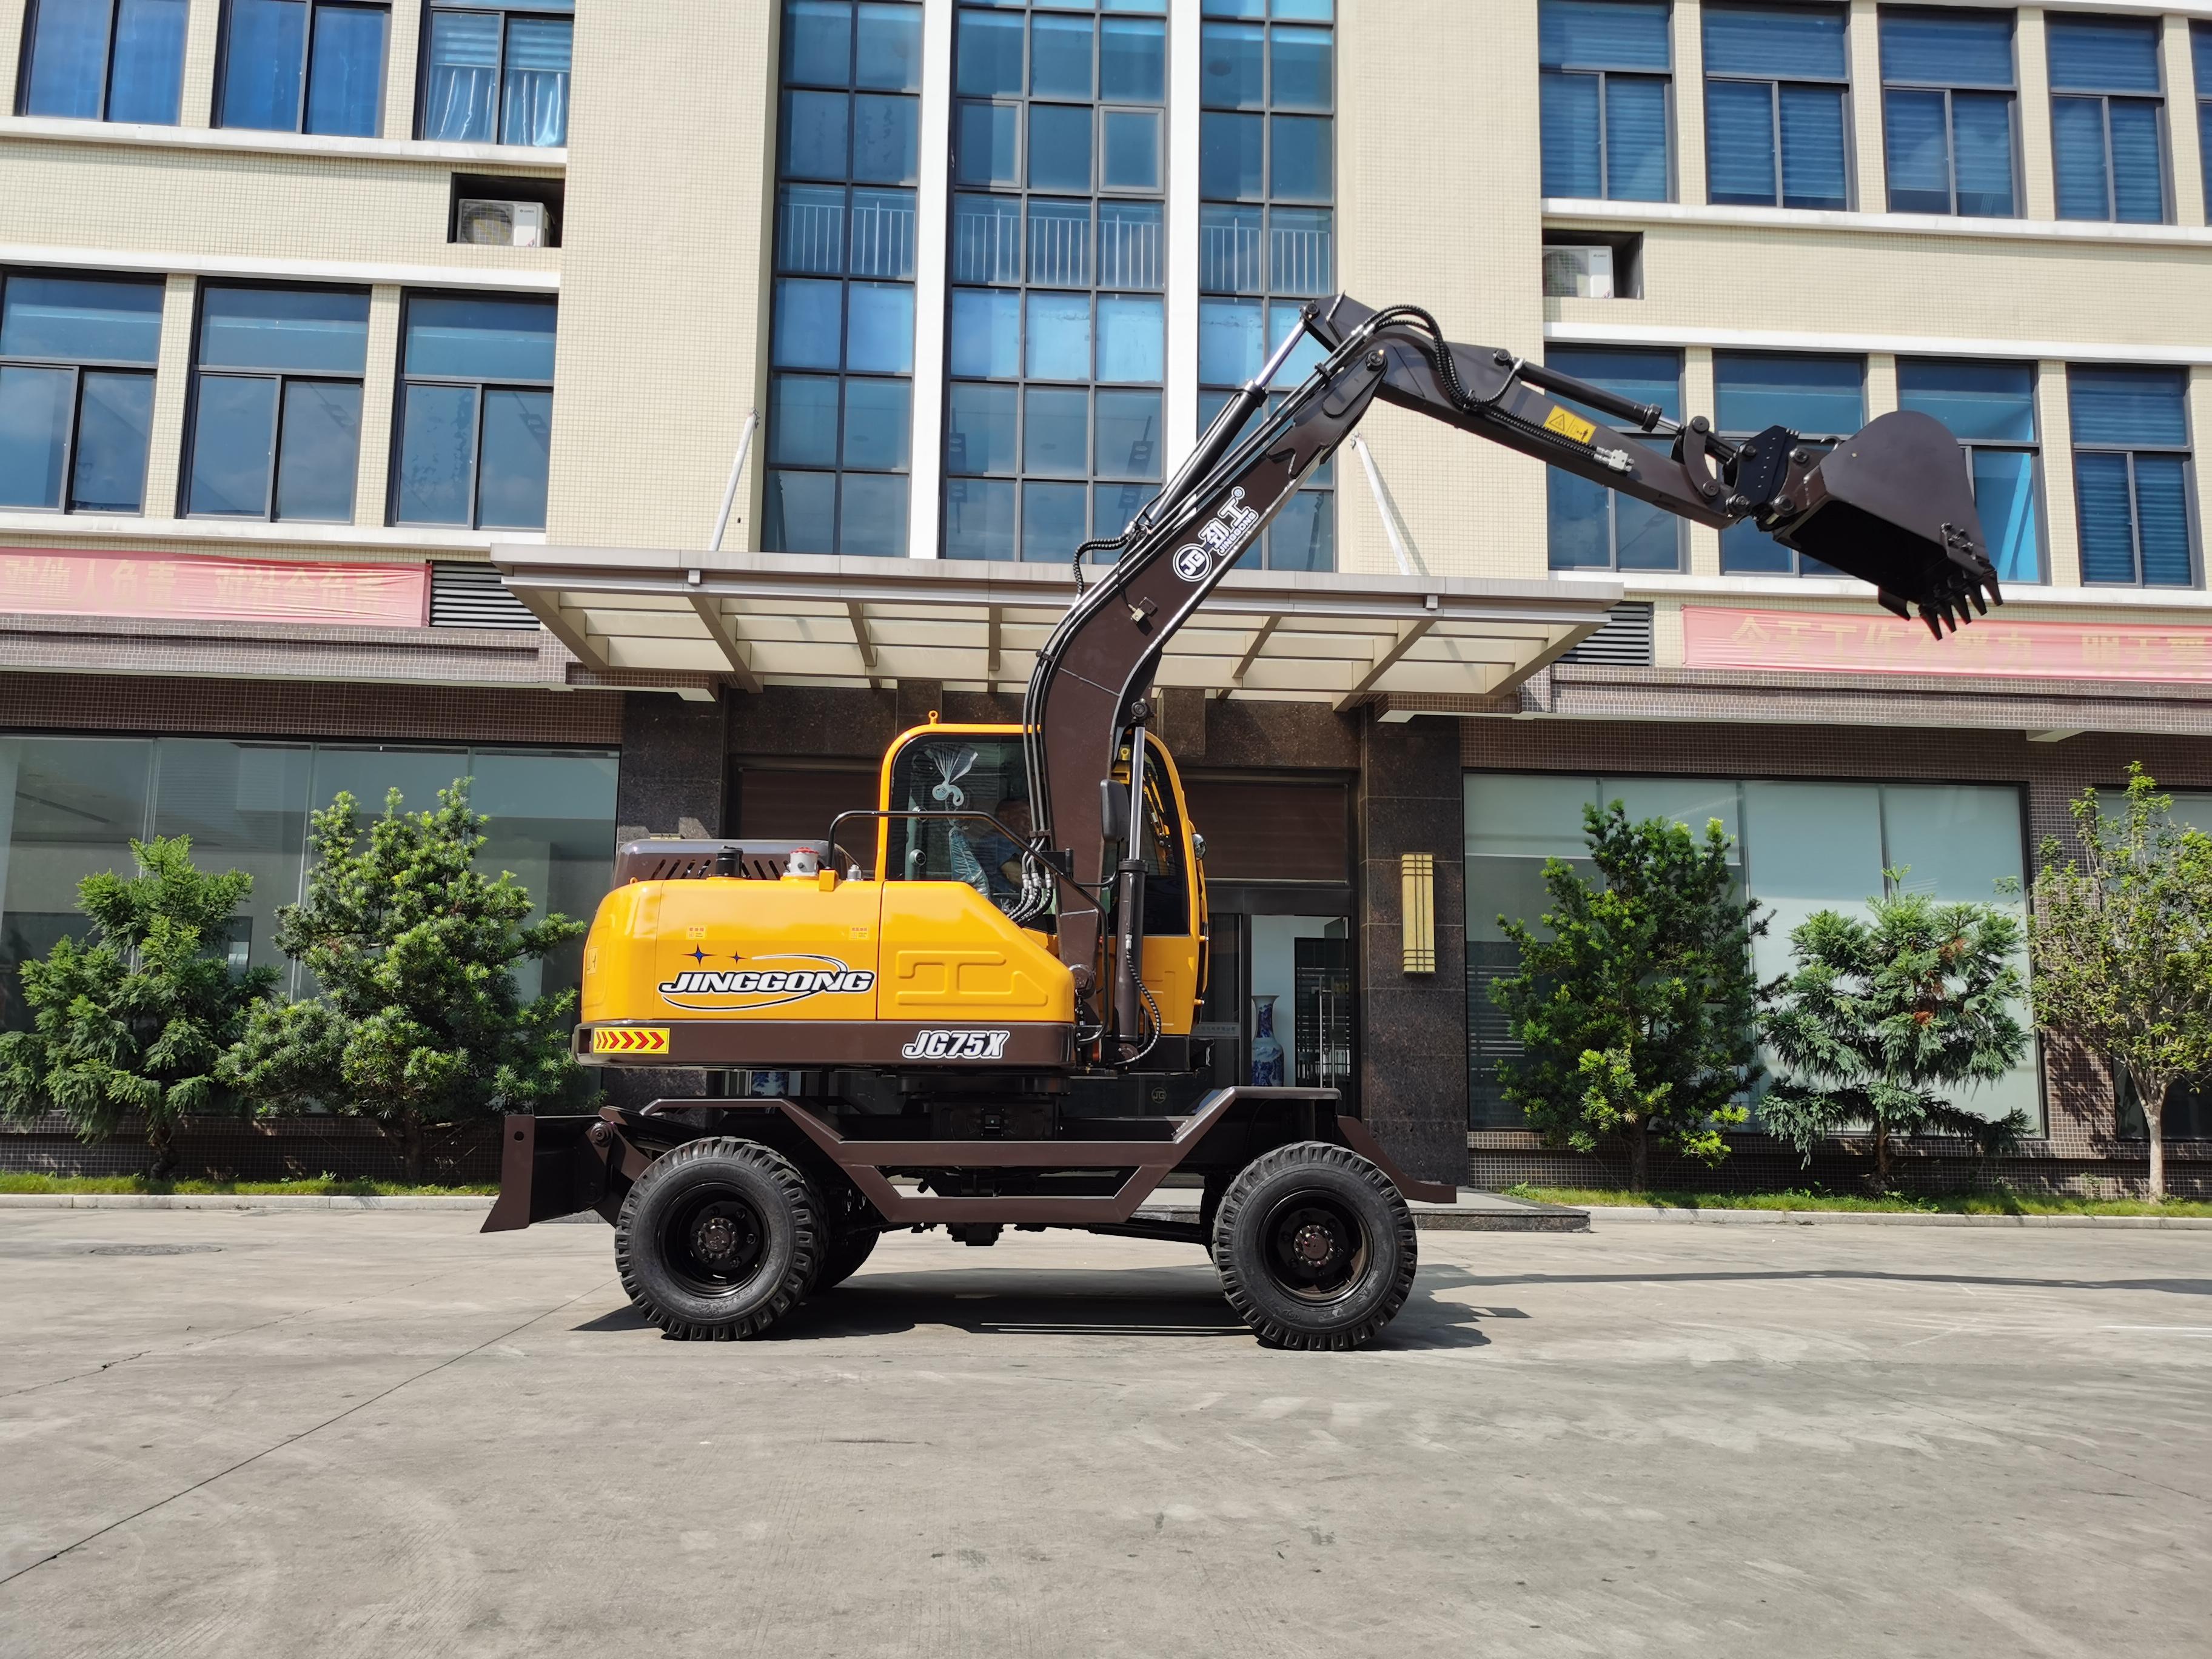 JG75X Wheel Excavator